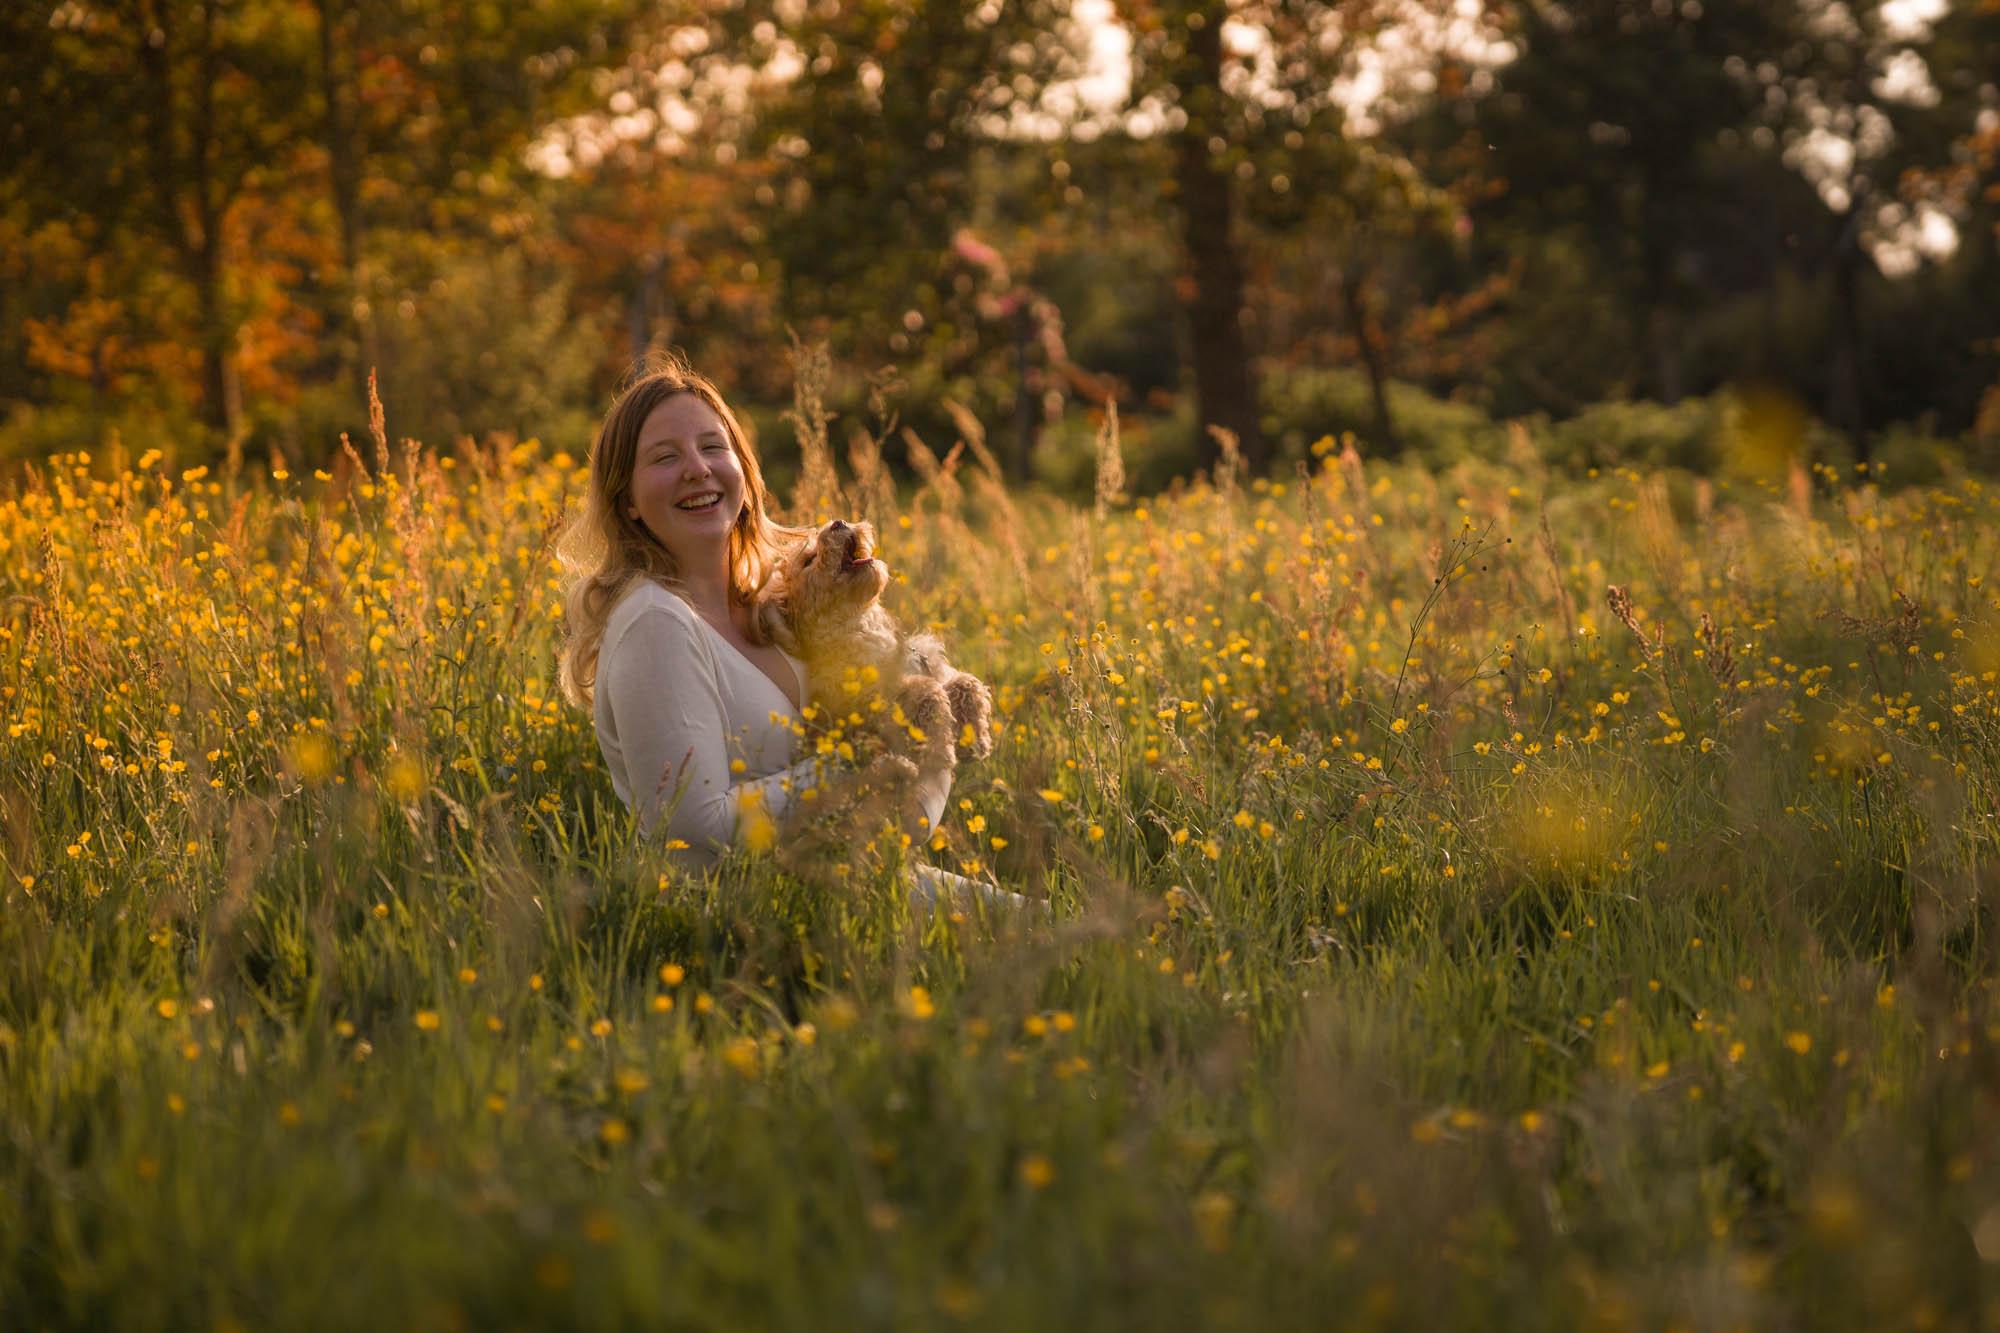 Tiener portretfotograaf in Amersfoort. Tienerportret door Mayra Fotografie. Zomers portret tussen gele boterbloemen.